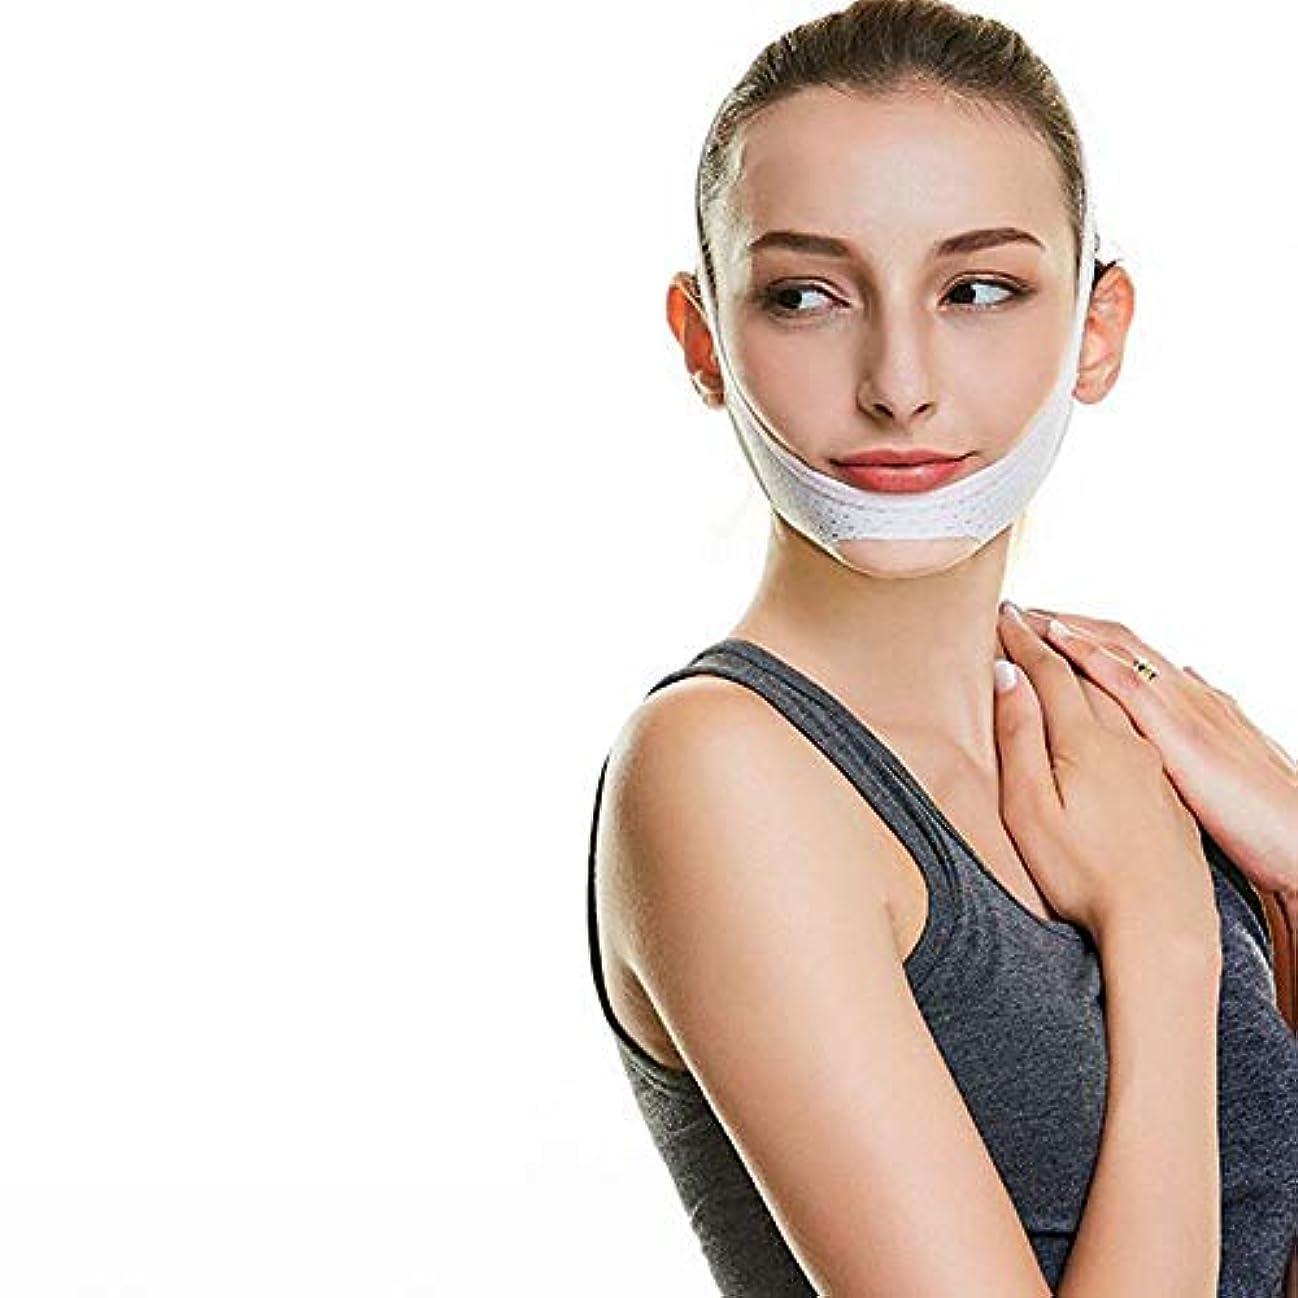 フランクワースリーブロックする鉛筆Vフェイスライン包帯、顎ほぐれ防止防シワマスク極薄ベルト/ダブルチンフェイスタイプアライナ(ホワイト)